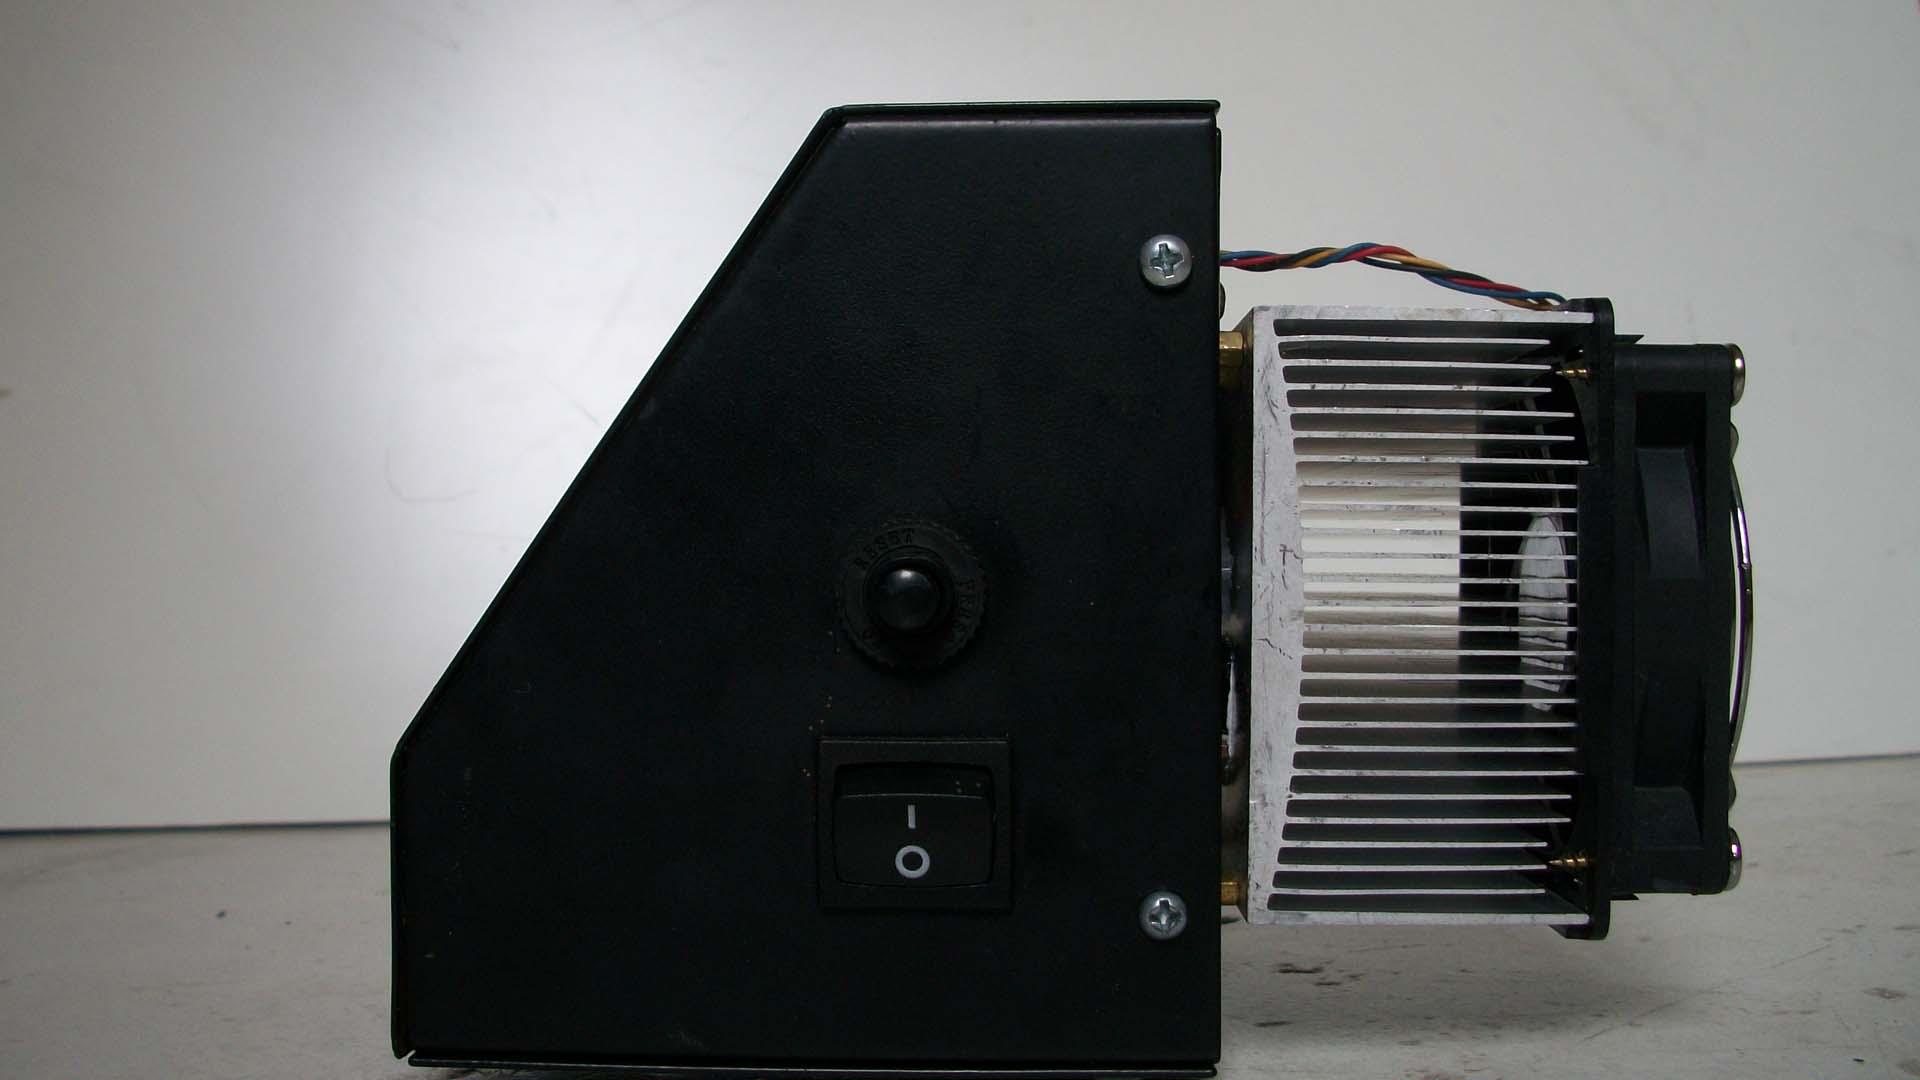 Foto del Sistema de Refrigeración diseñado por Com in-Genio para Control de Temperatura y Tiempo de Termofijadora 8 en 1 en Cali Colombia. Parte del Programa de I+D de Com in-Genio.